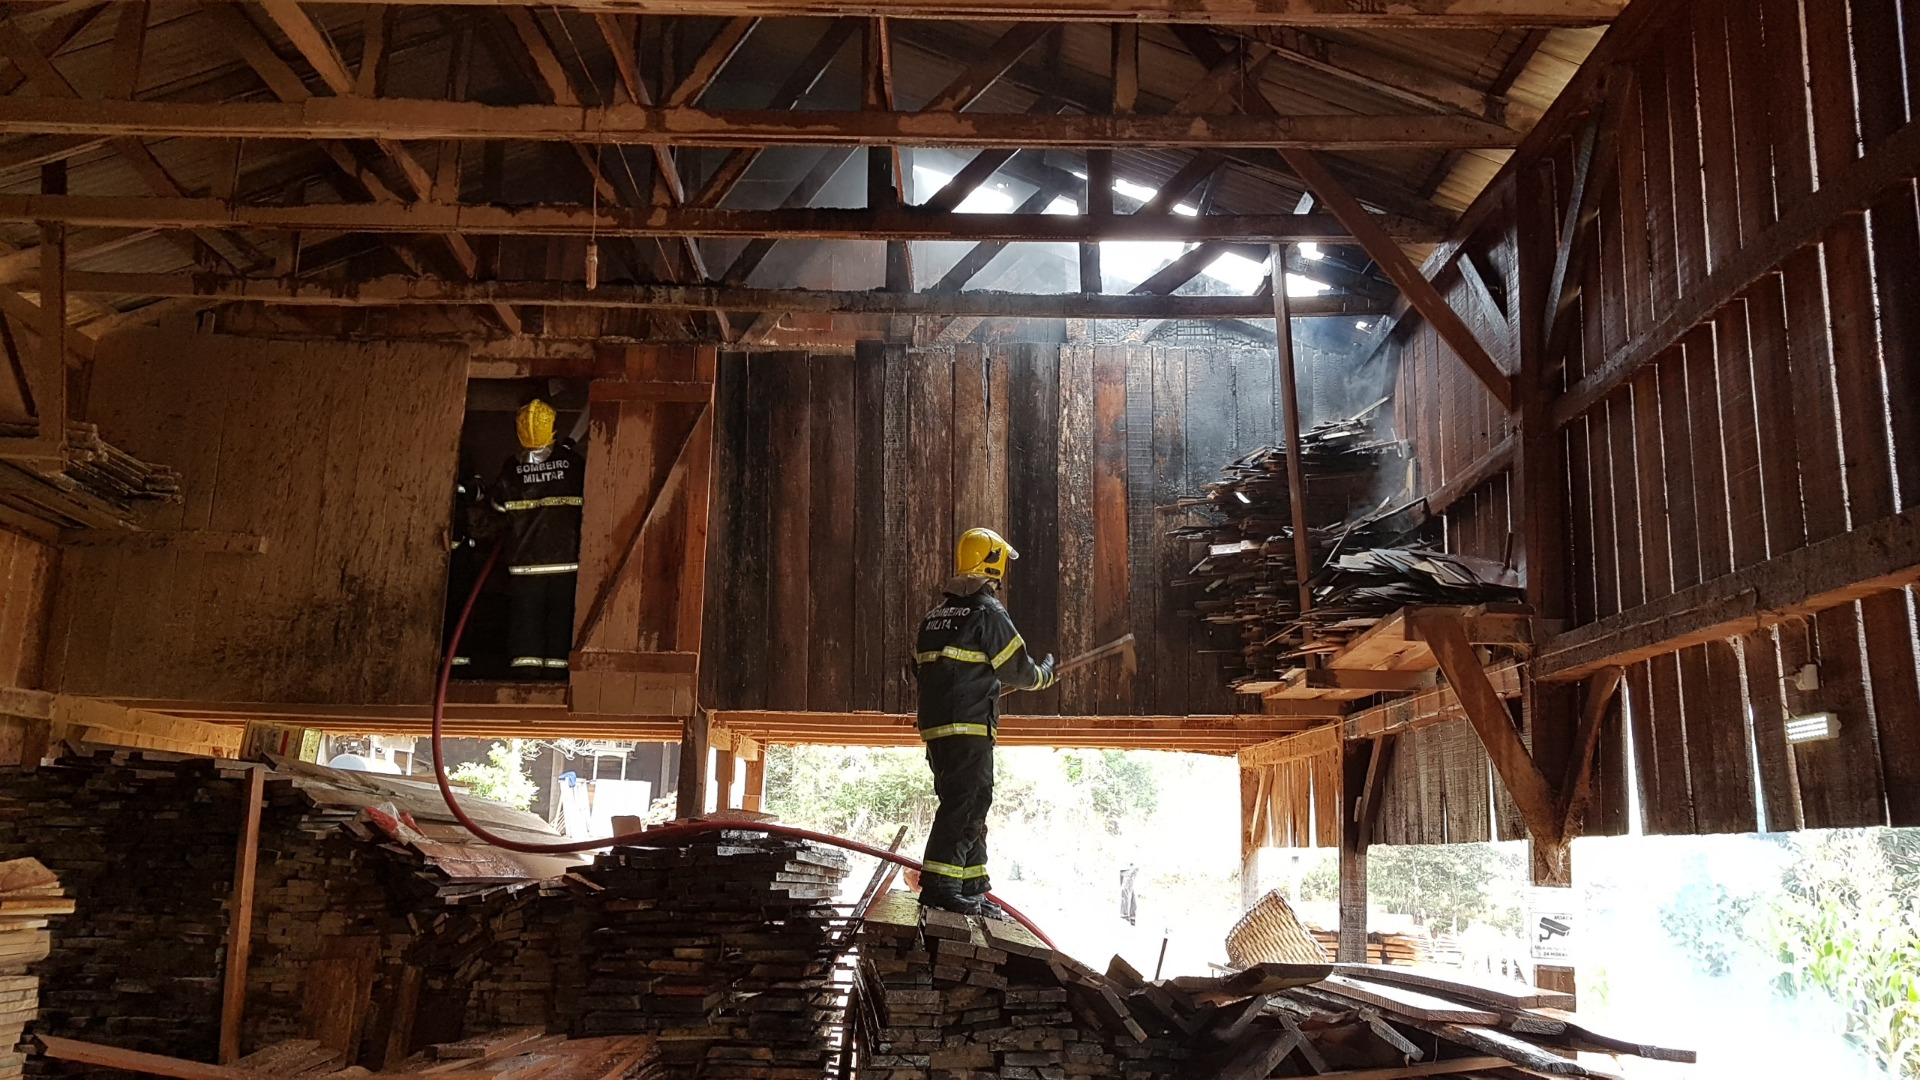 Incêndio atinge fábrica de móveis no interior de Itapiranga